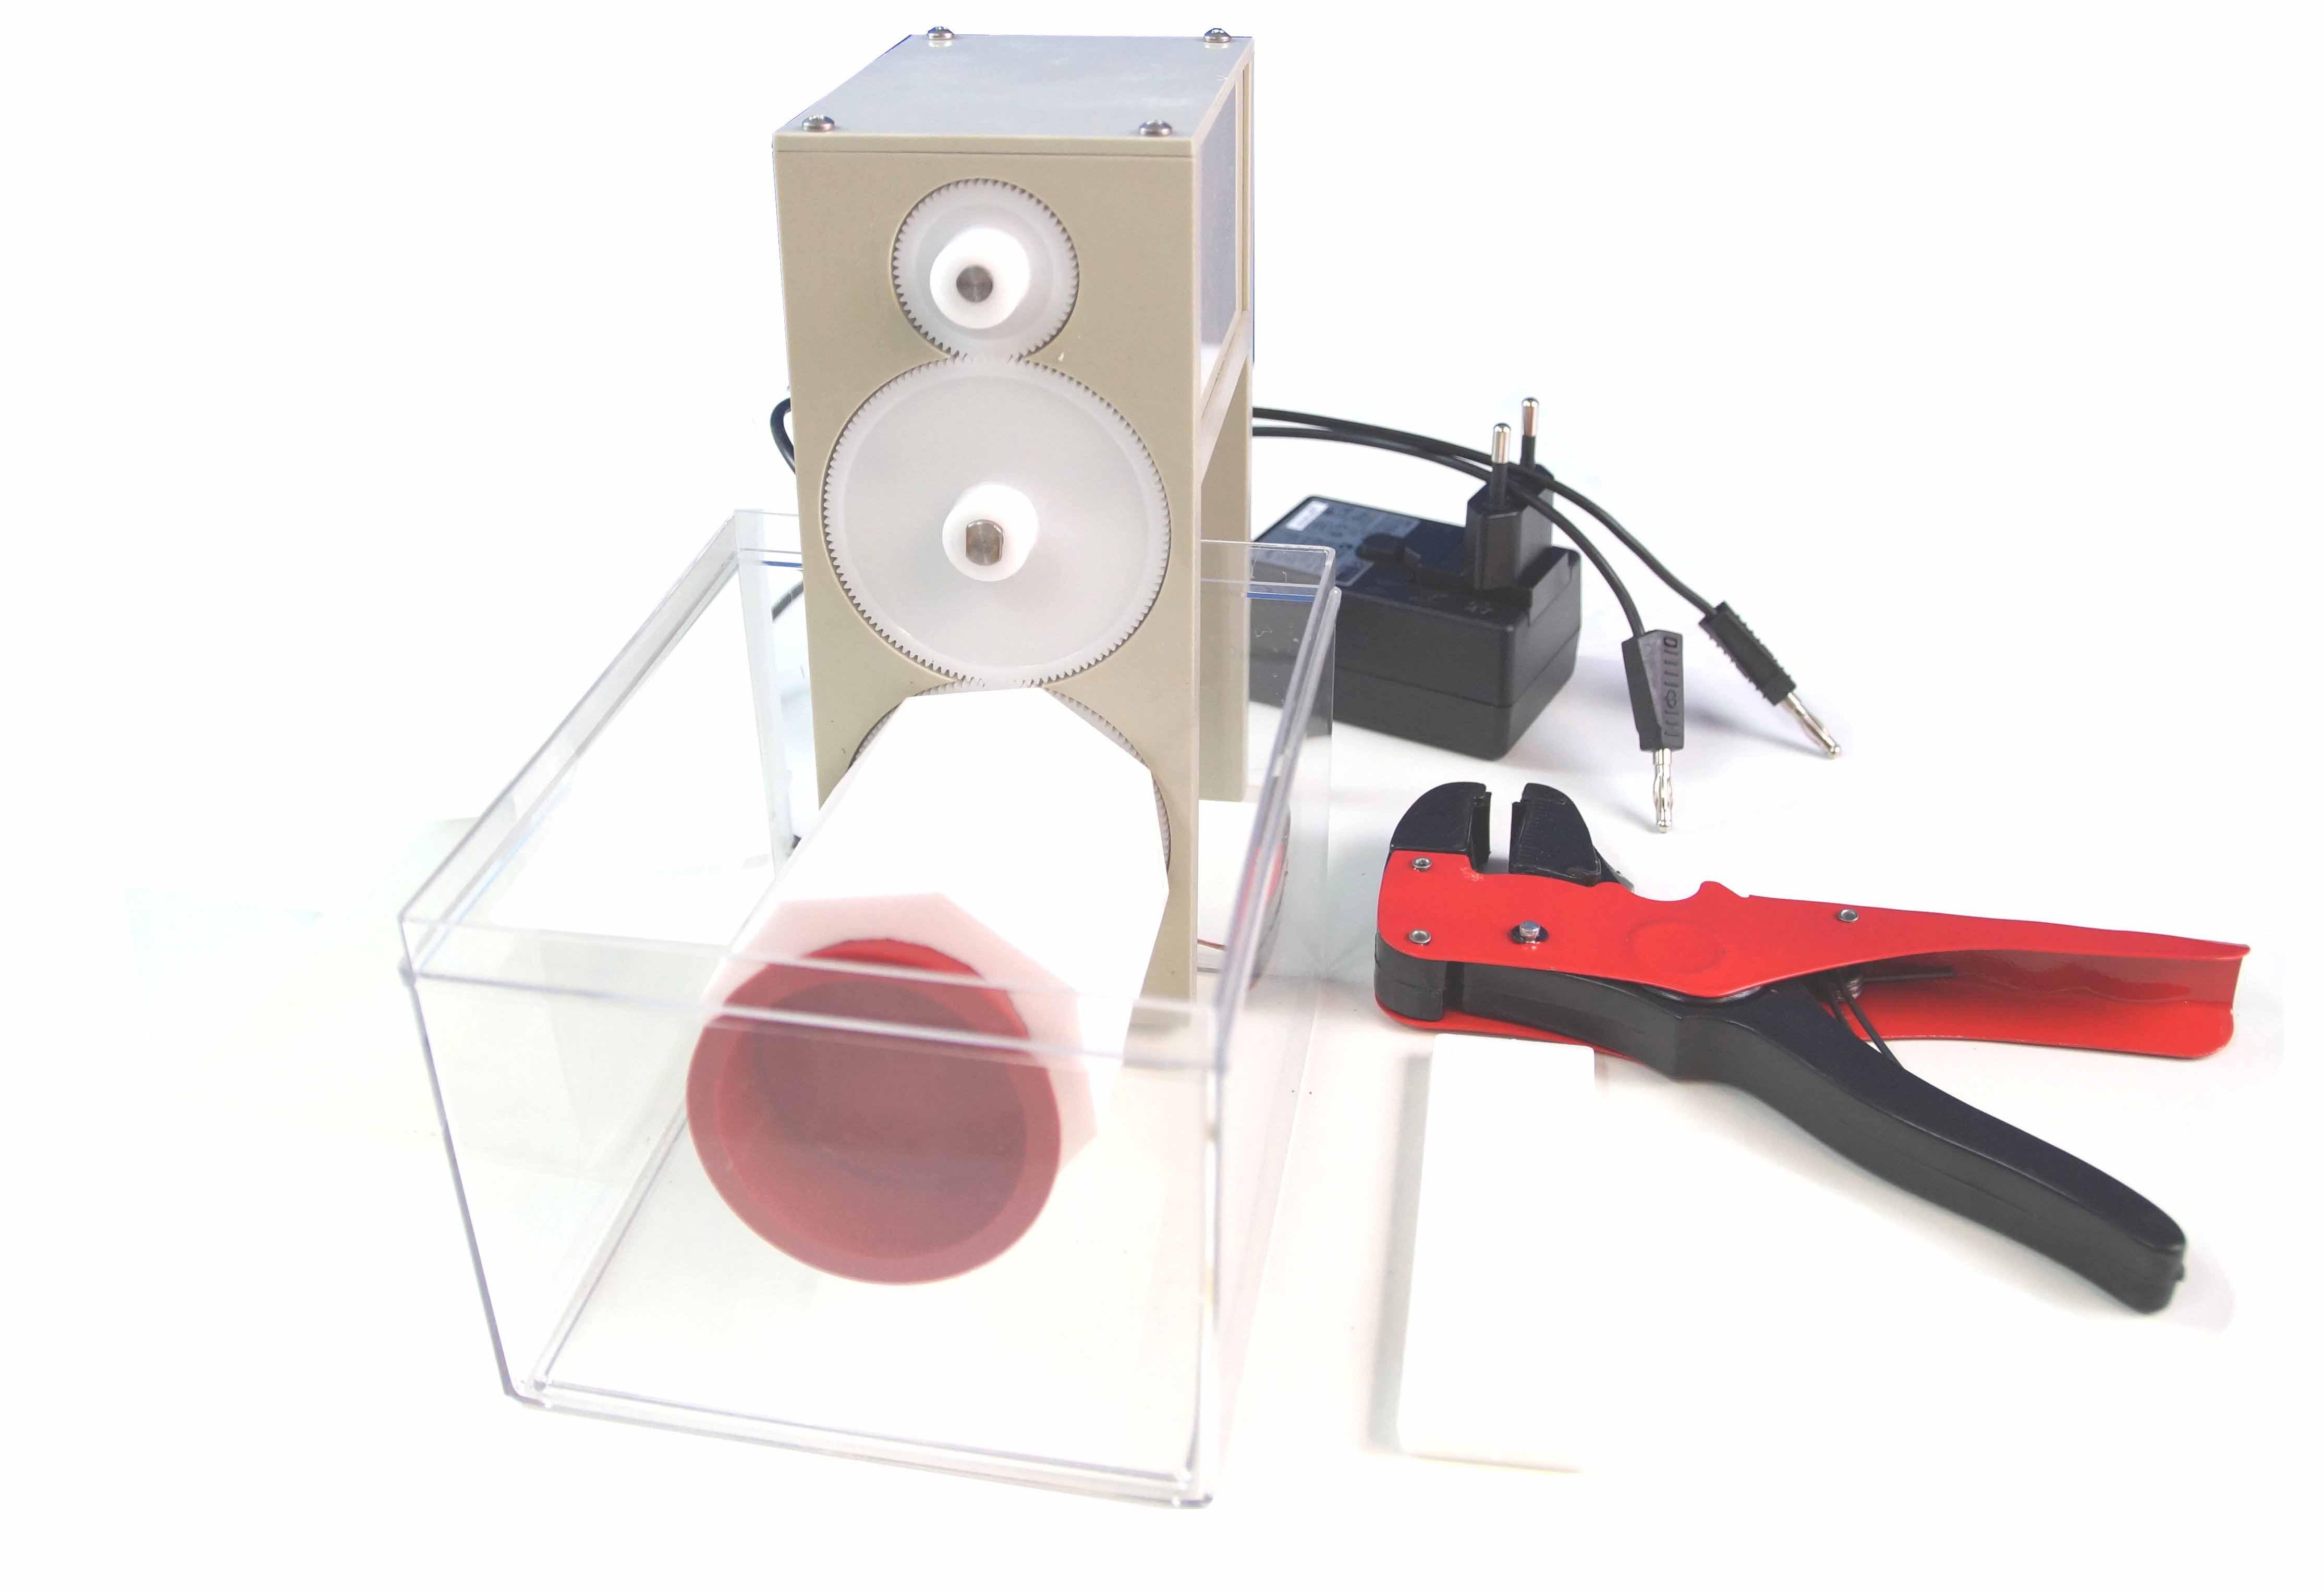 appareil de galvanoplastie au tonneau | tifoo shop - galvanoplastie